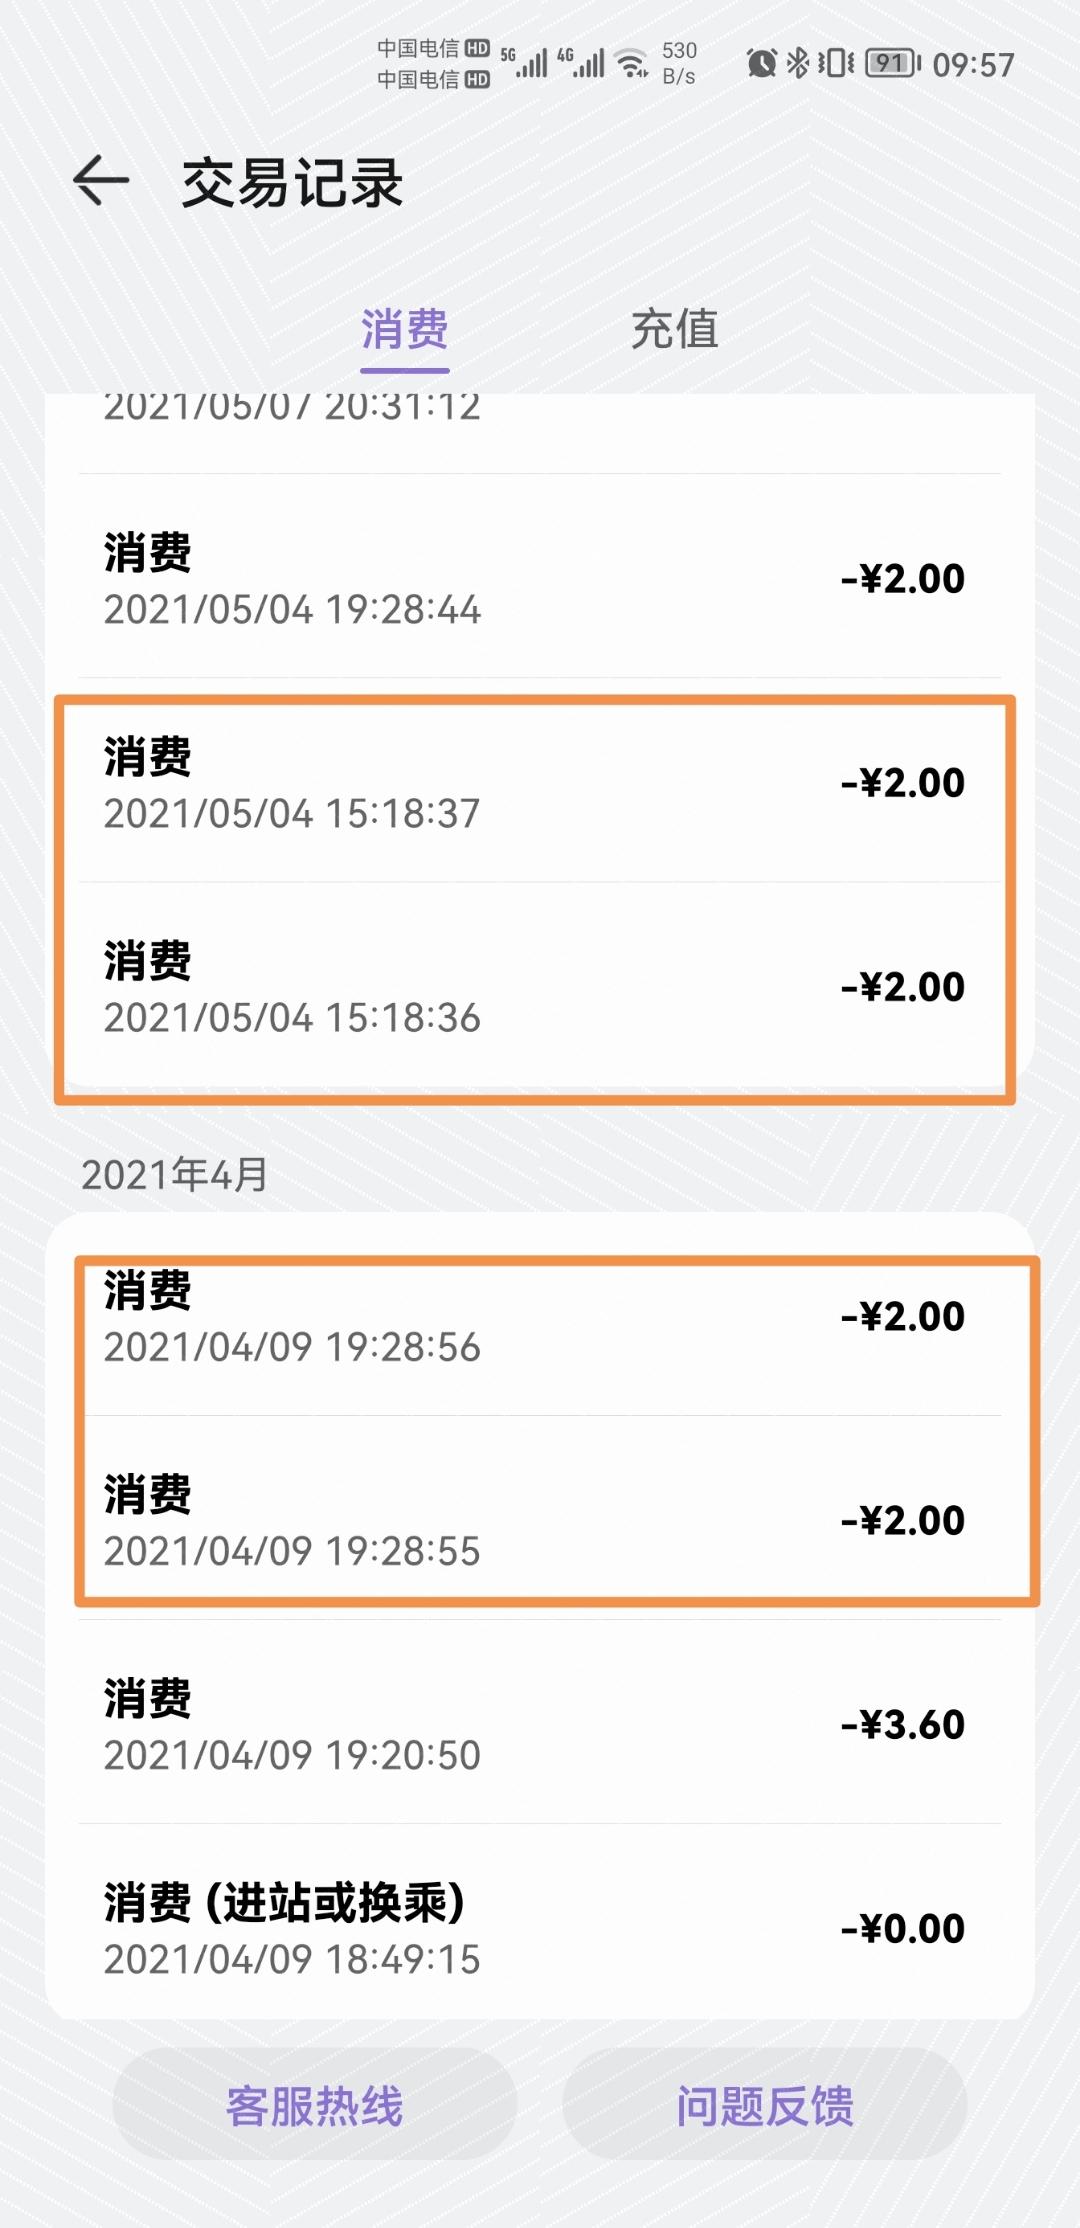 Screenshot_20210509_095821.jpg